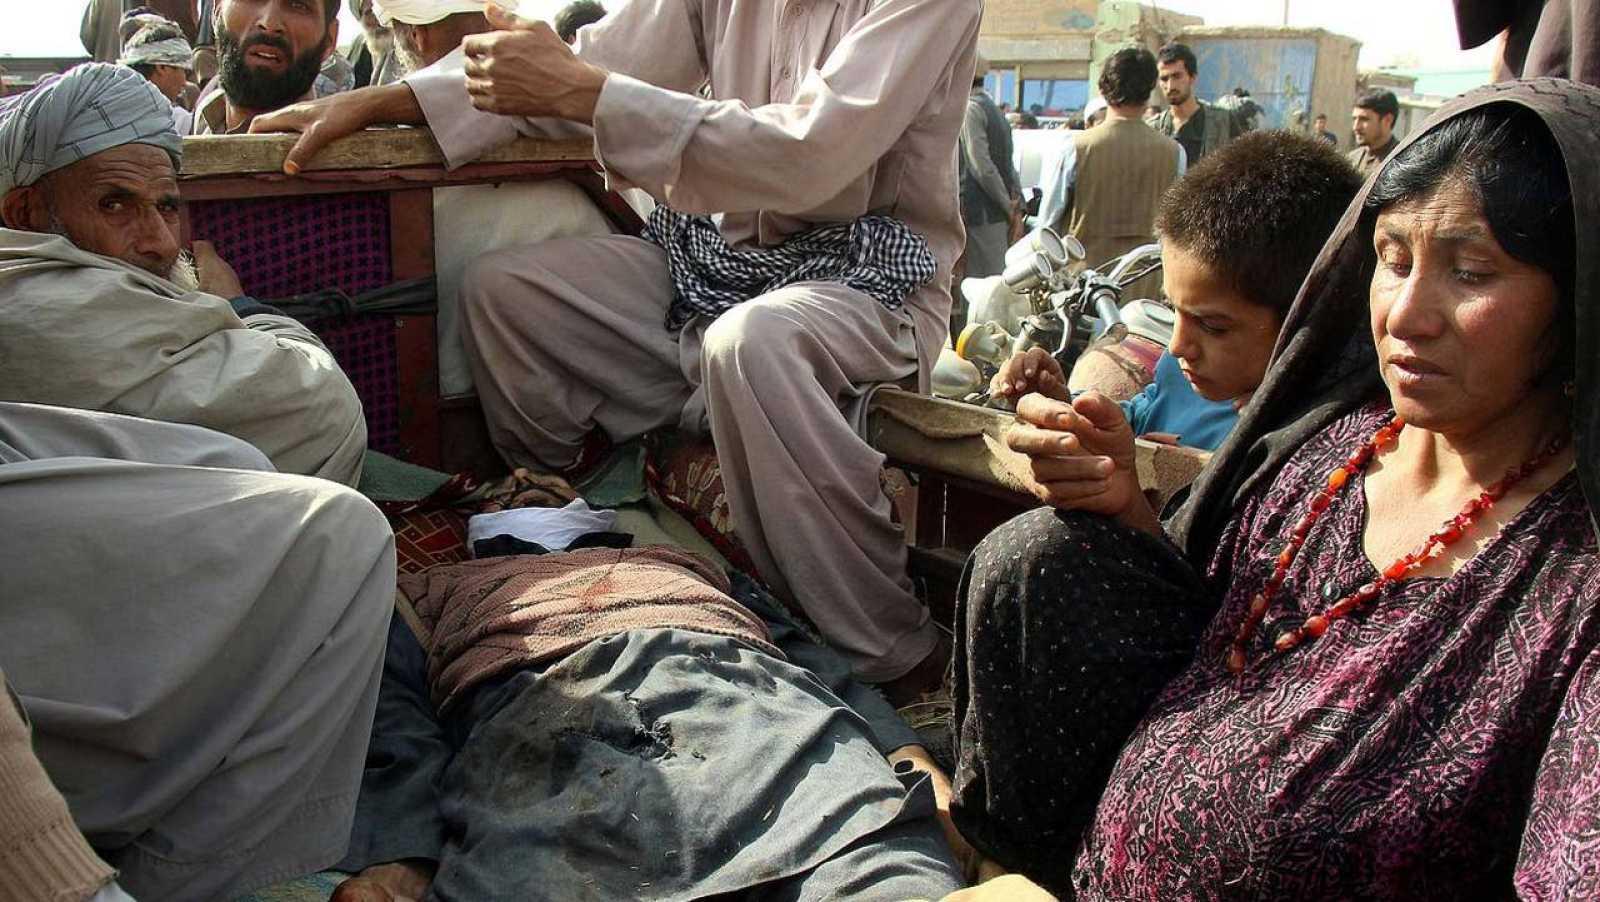 Familiares de un de los fallecidos en combates entre talibanes y miembros de las fuerzas de seguridad afganas en Kunduz, Afganistán, el 3 de noviembre de 2016. REUTERS/Nasir Wakif